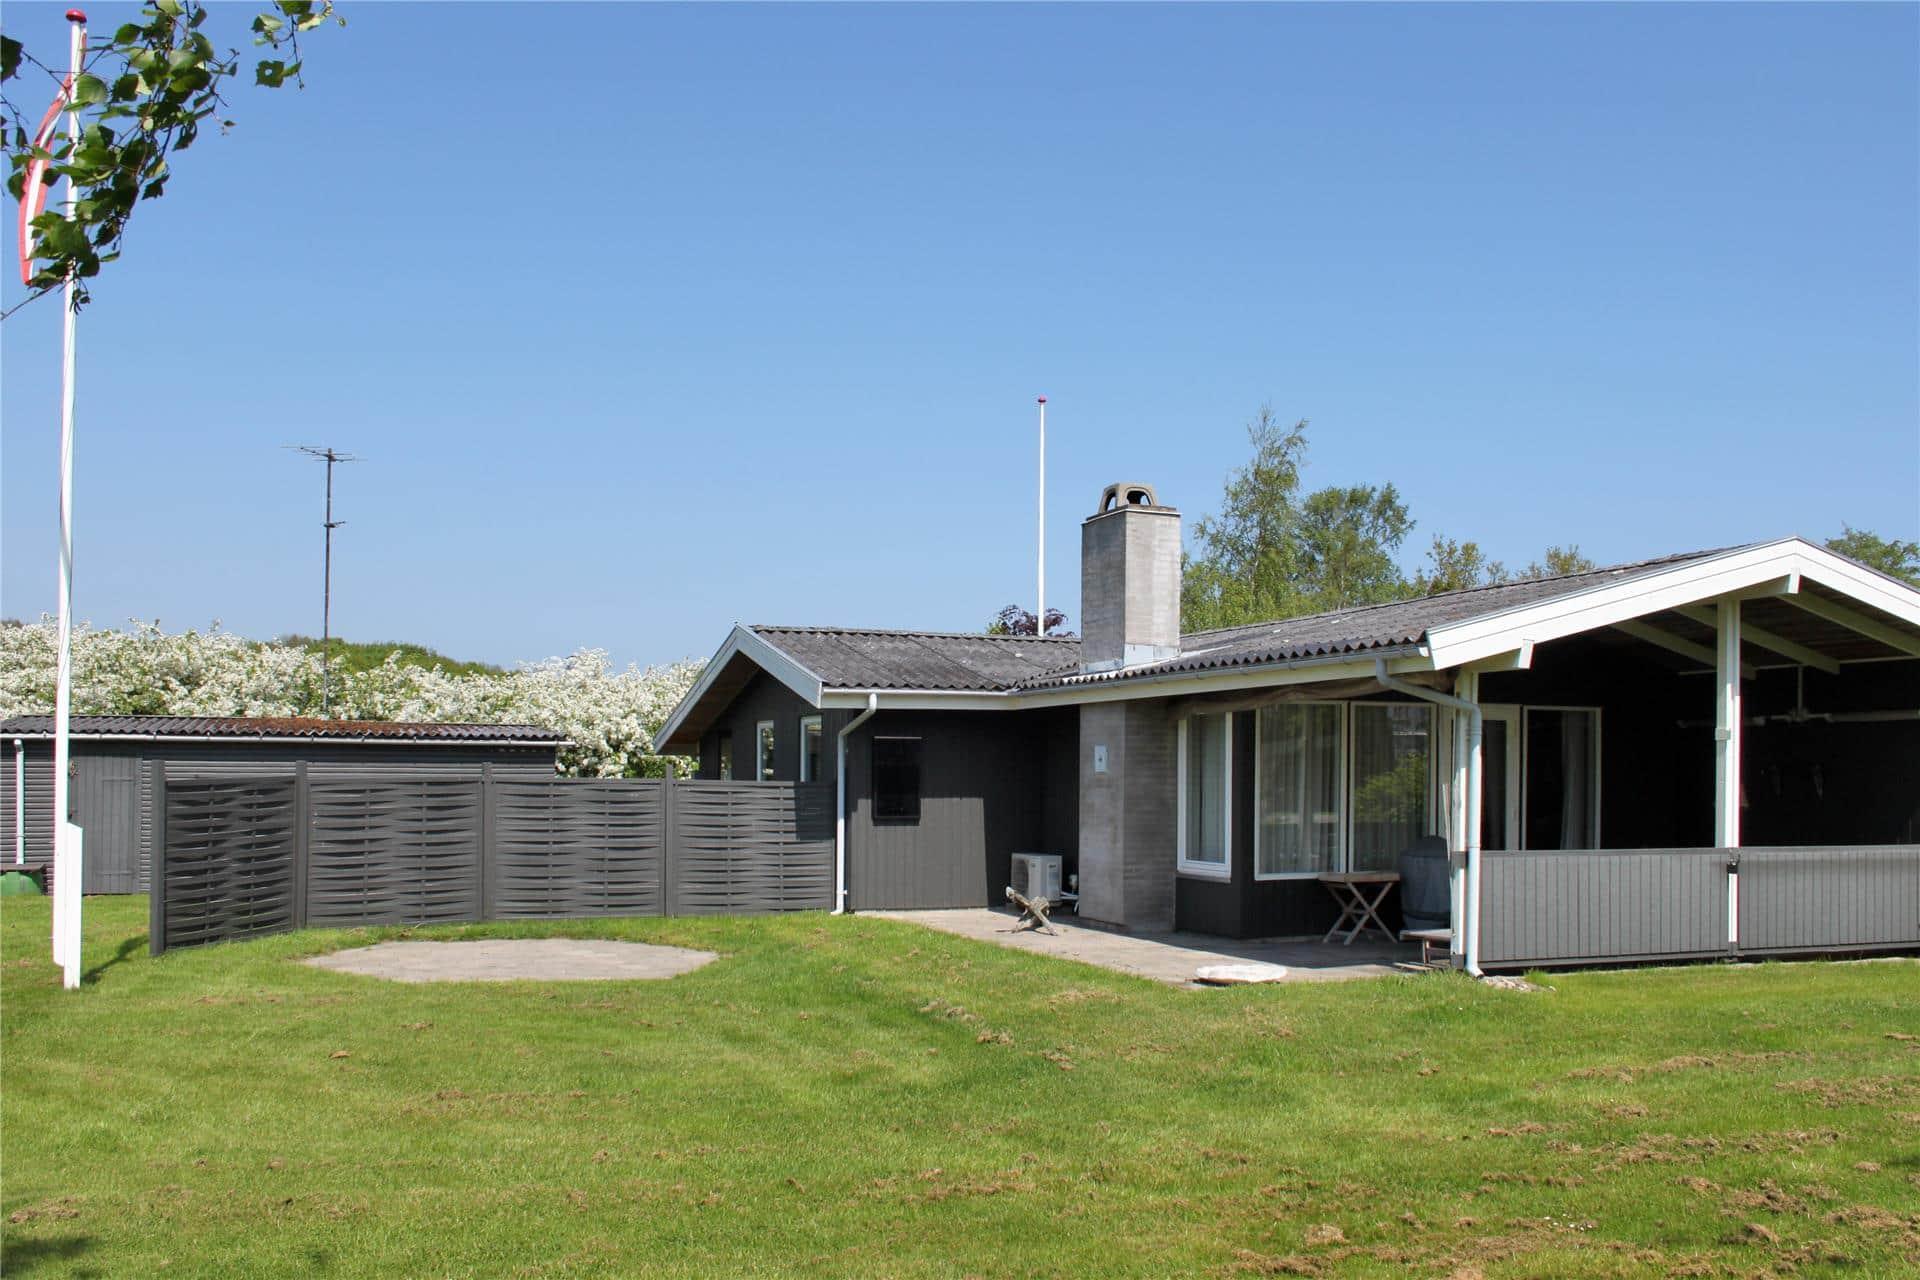 Bild 1-3 Ferienhaus M642451, Stjernevej 99, DK - 5500 Middelfart